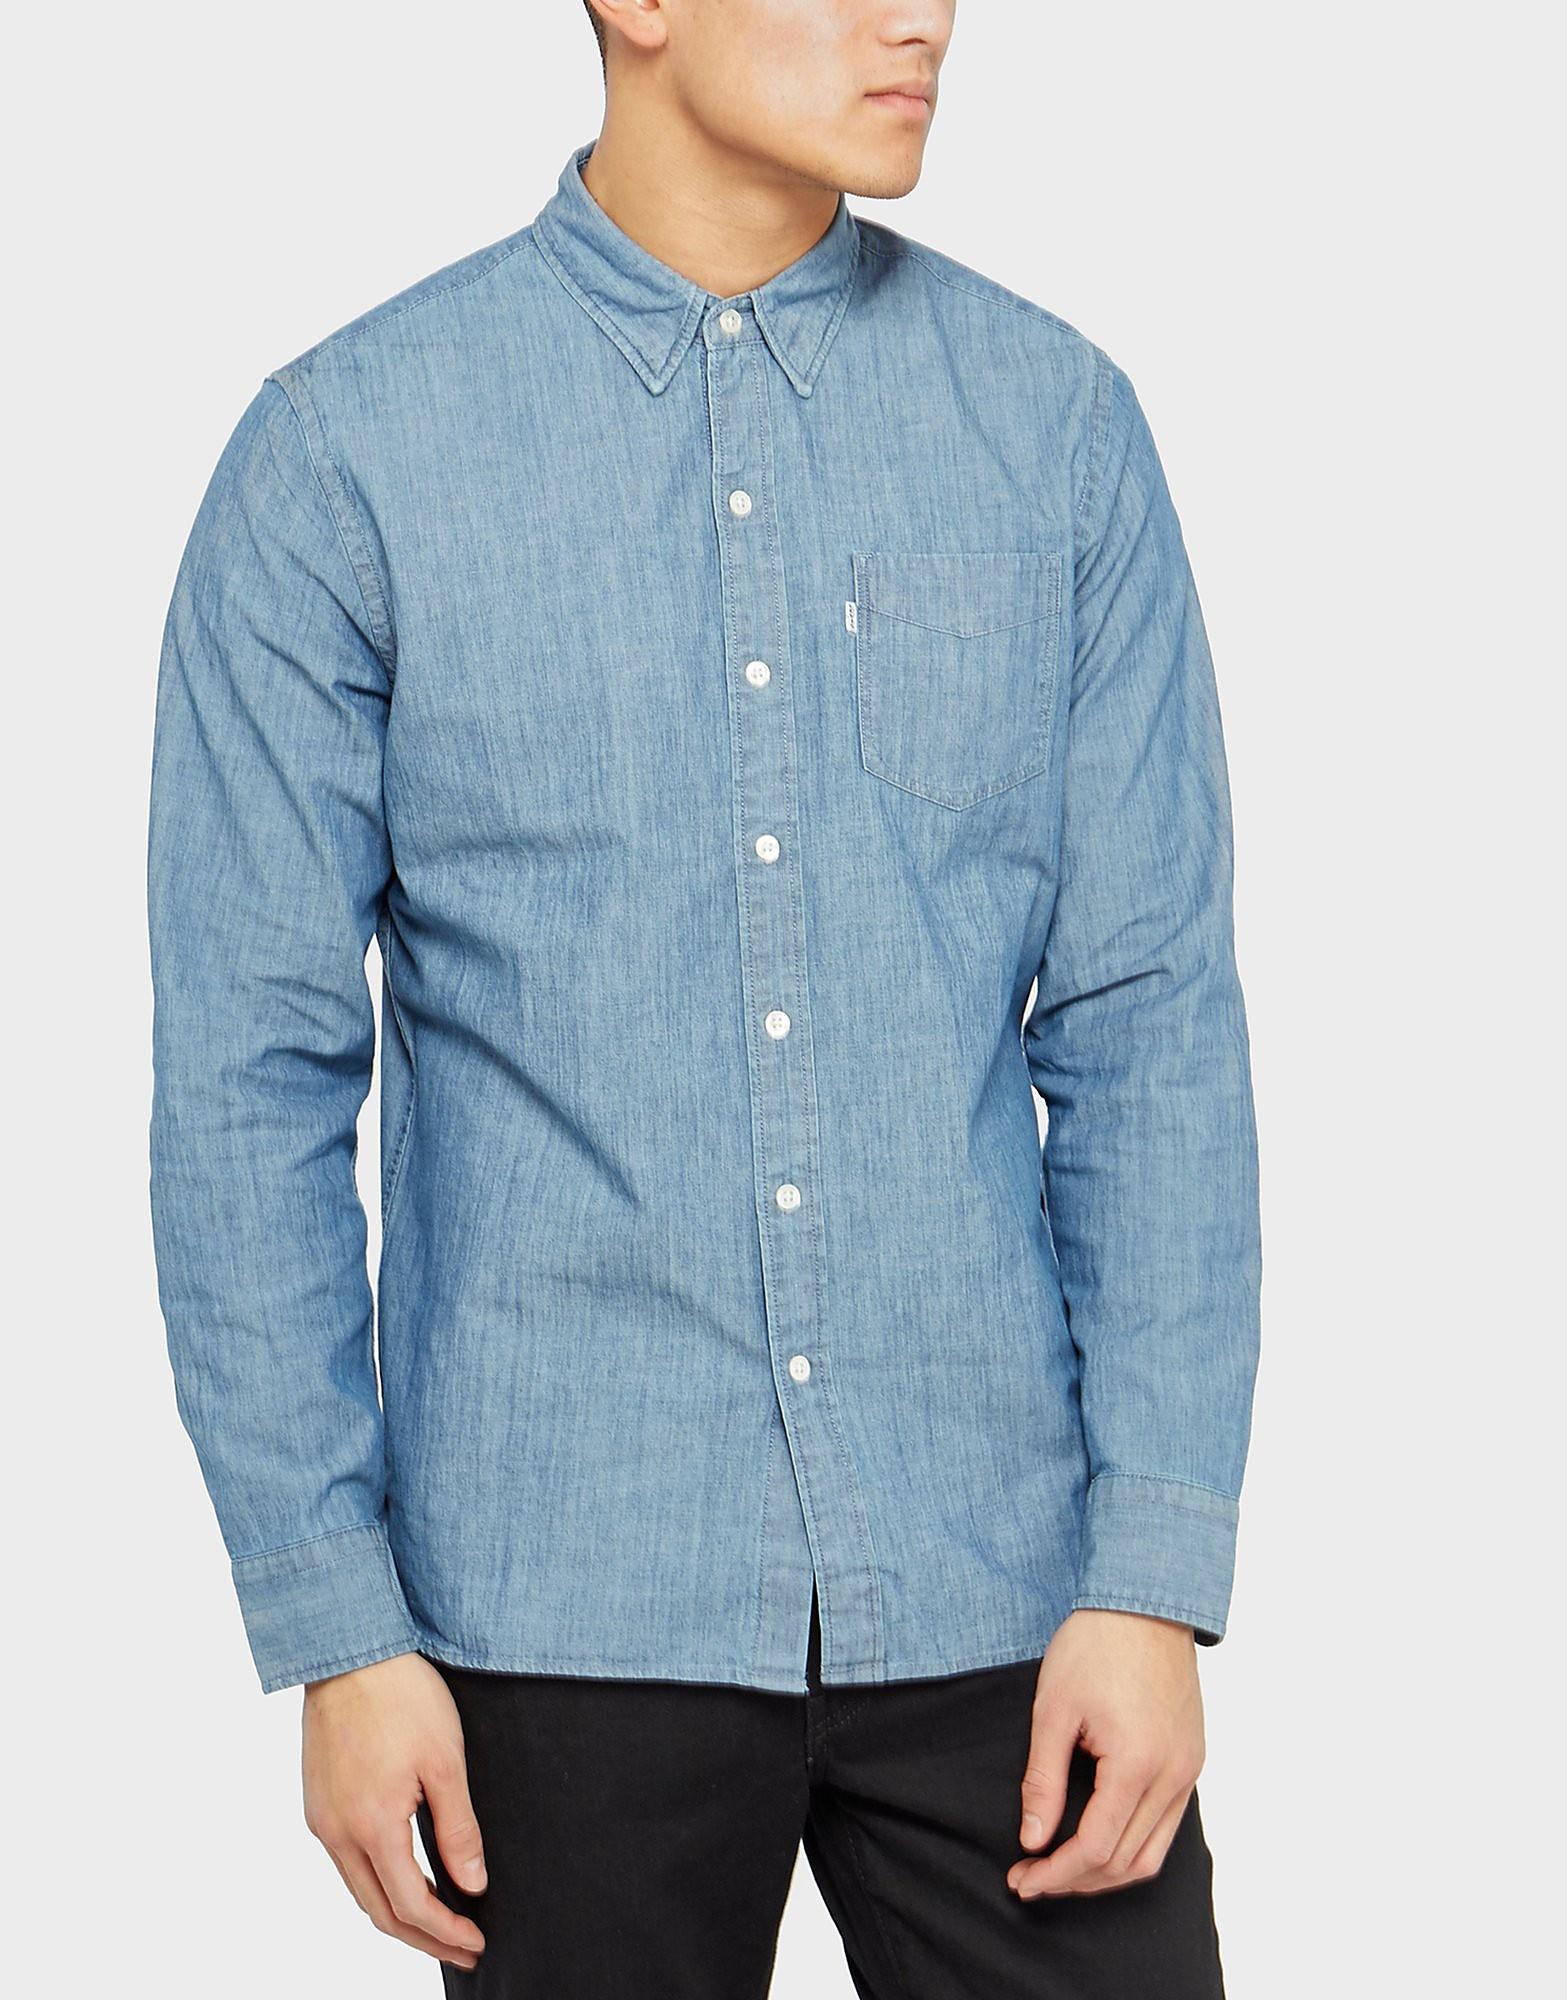 Levis Sunset Shirt